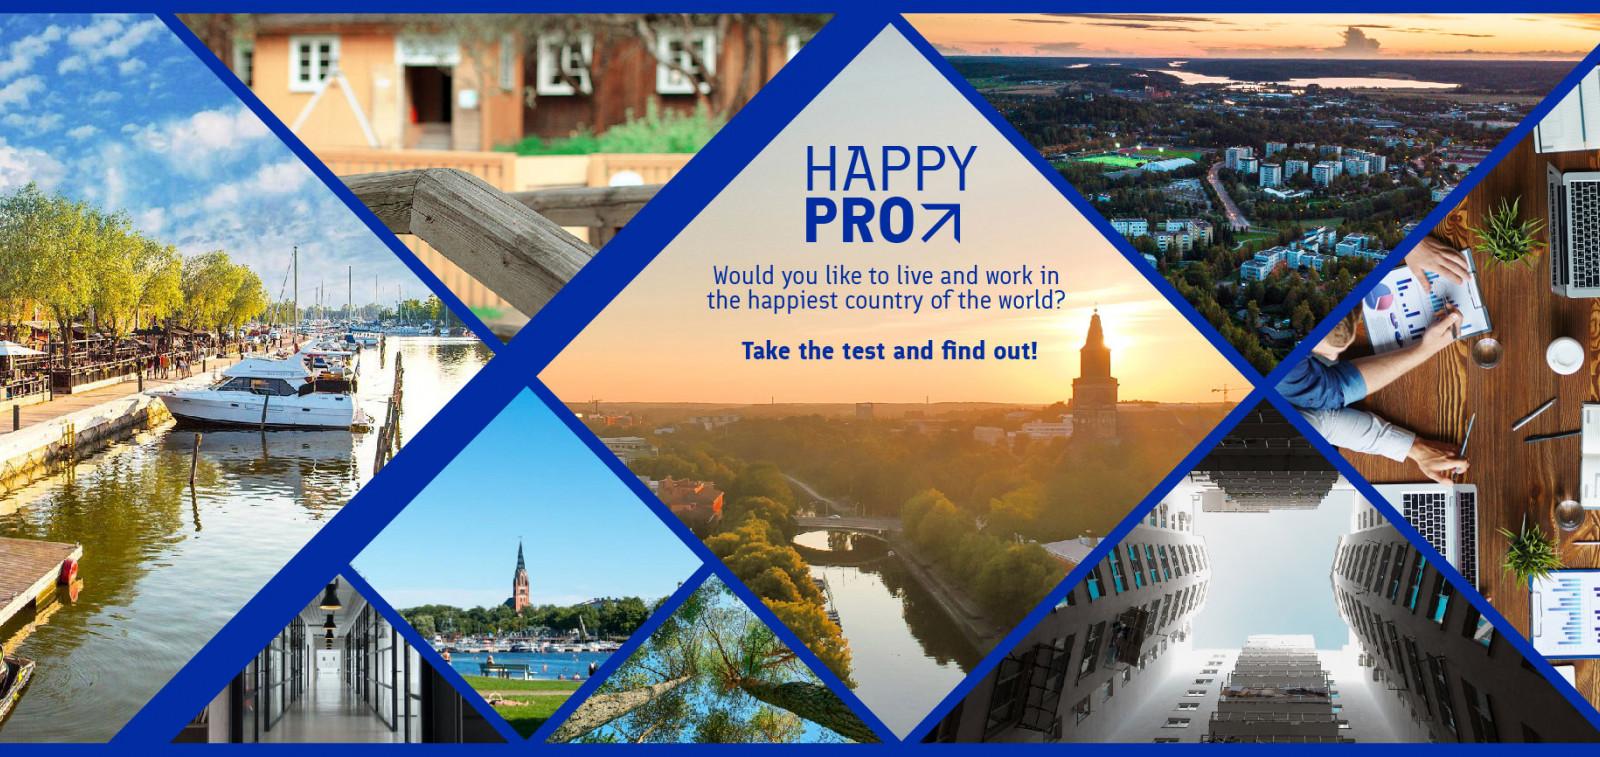 Happy Pro kampanjan kansikuva 2